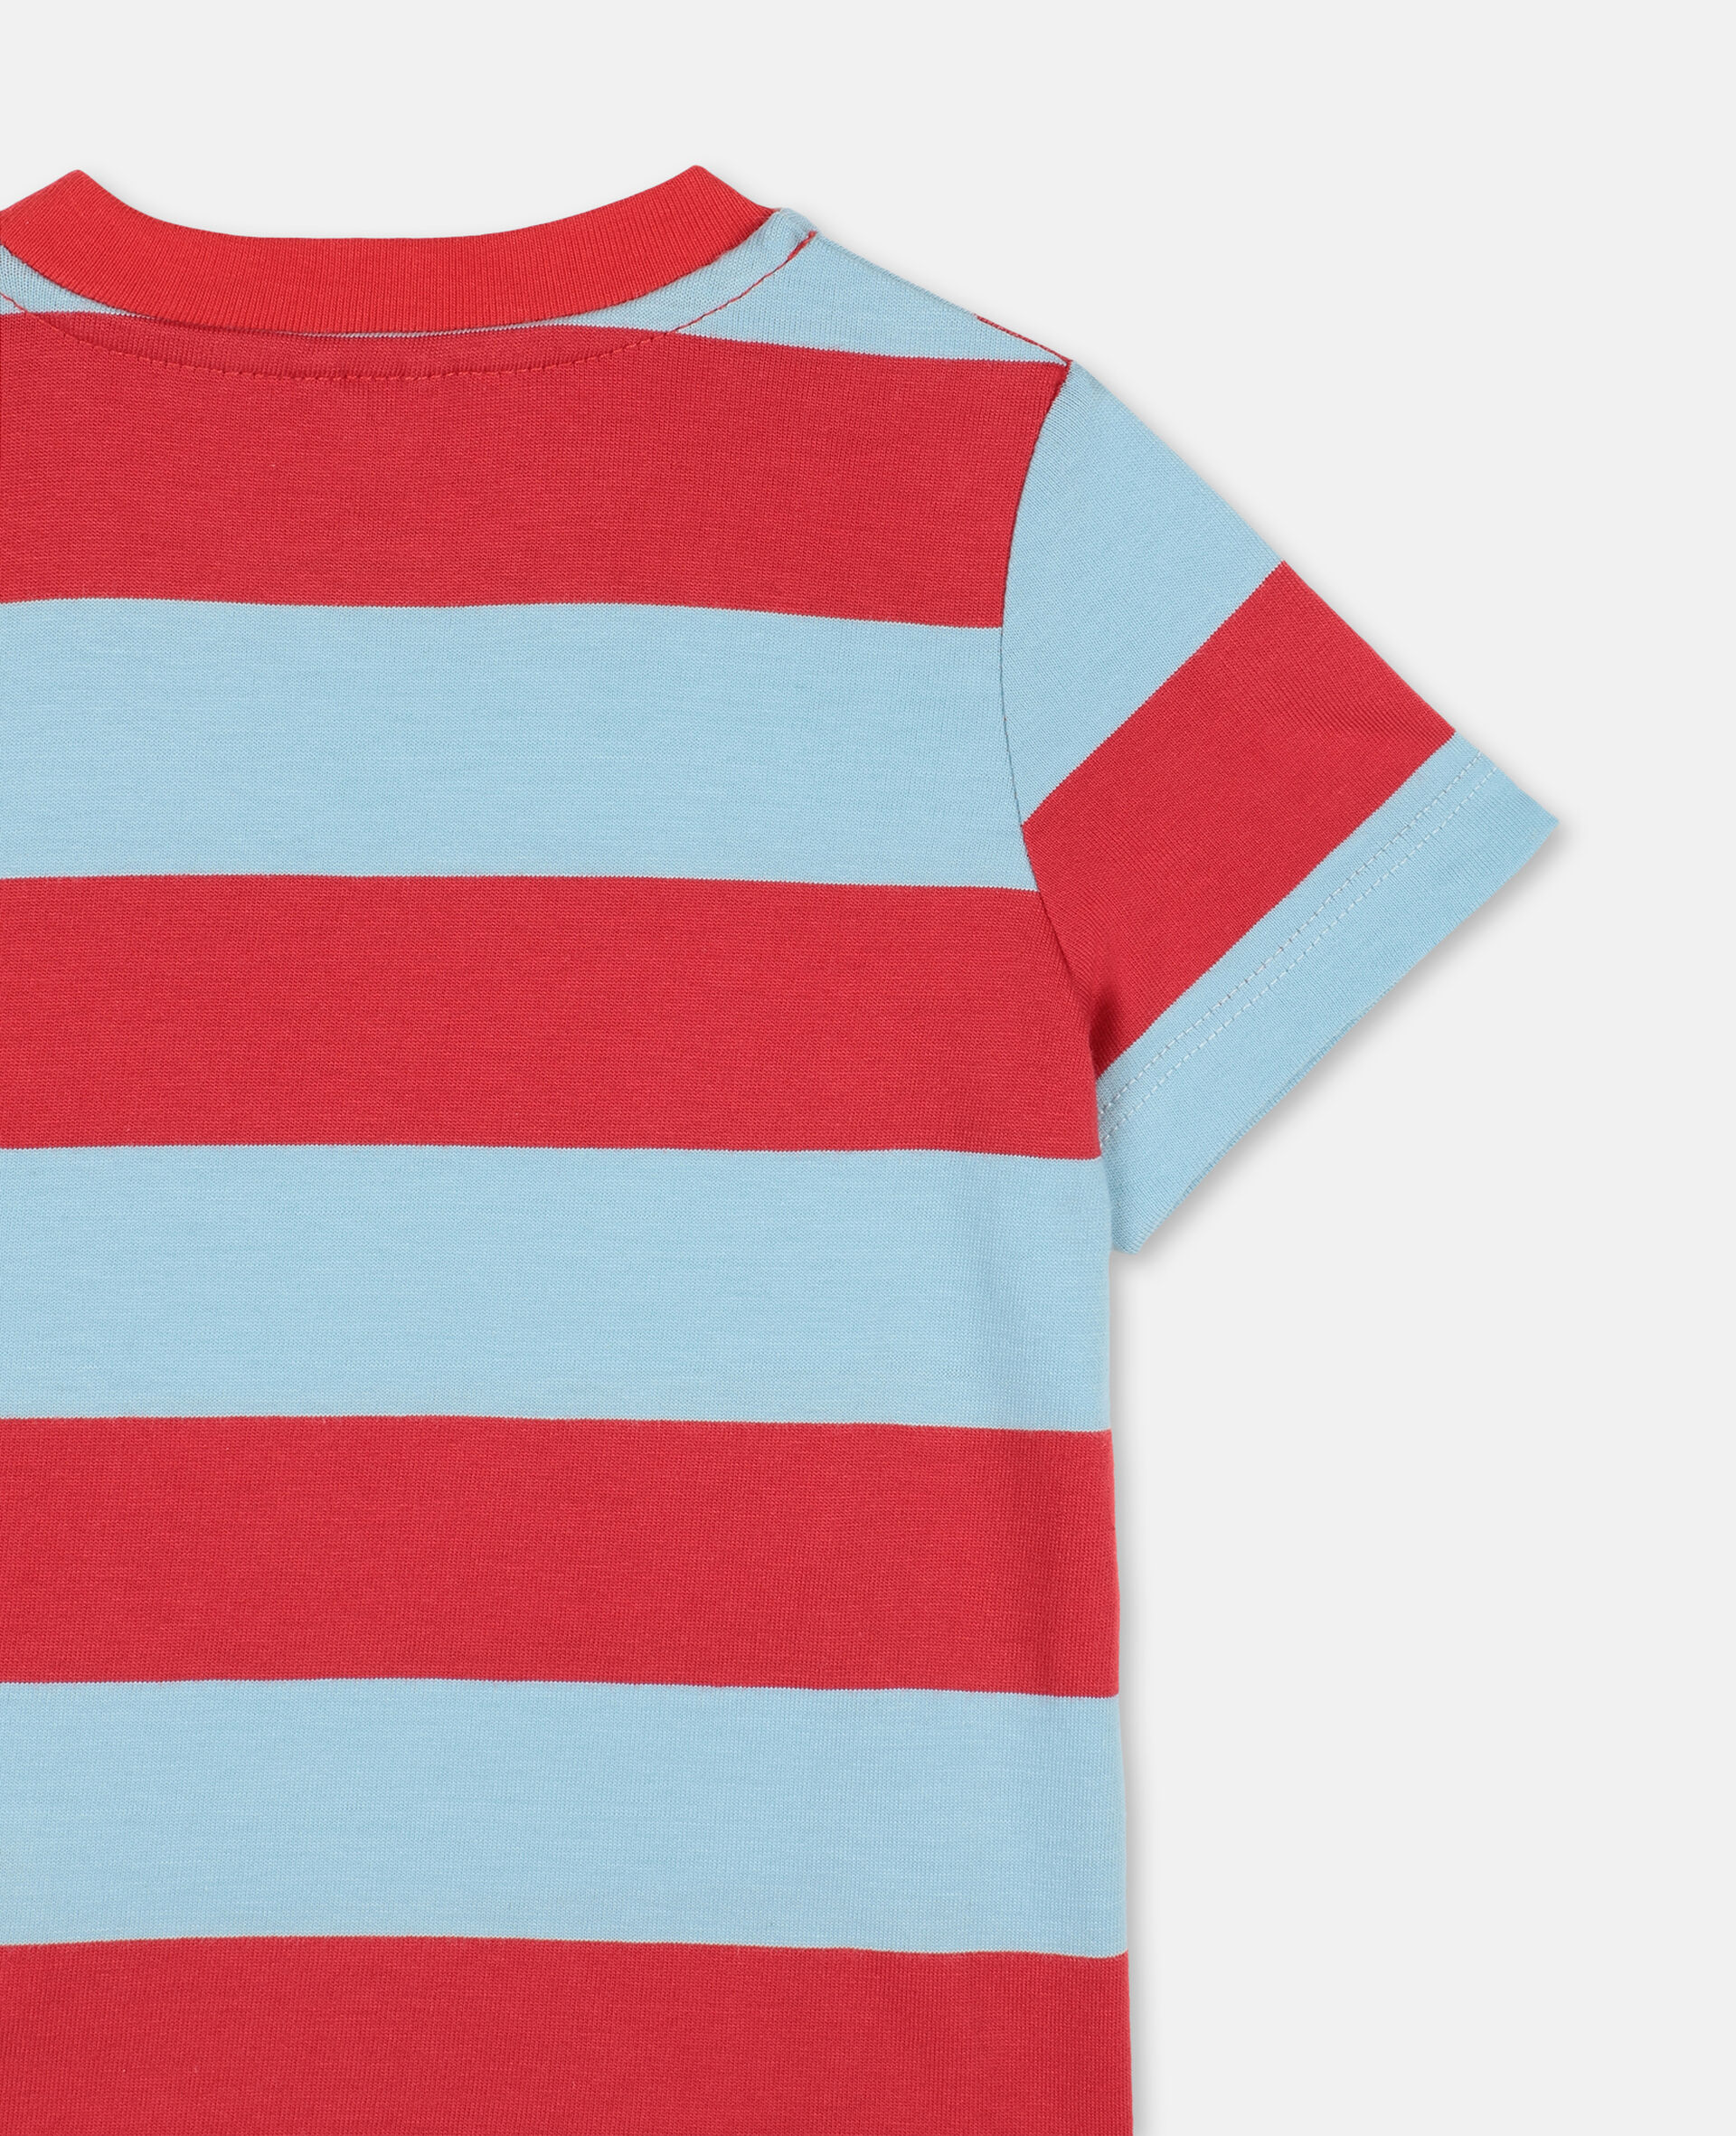 フラミンゴ コットン Tシャツ -レッド-large image number 2